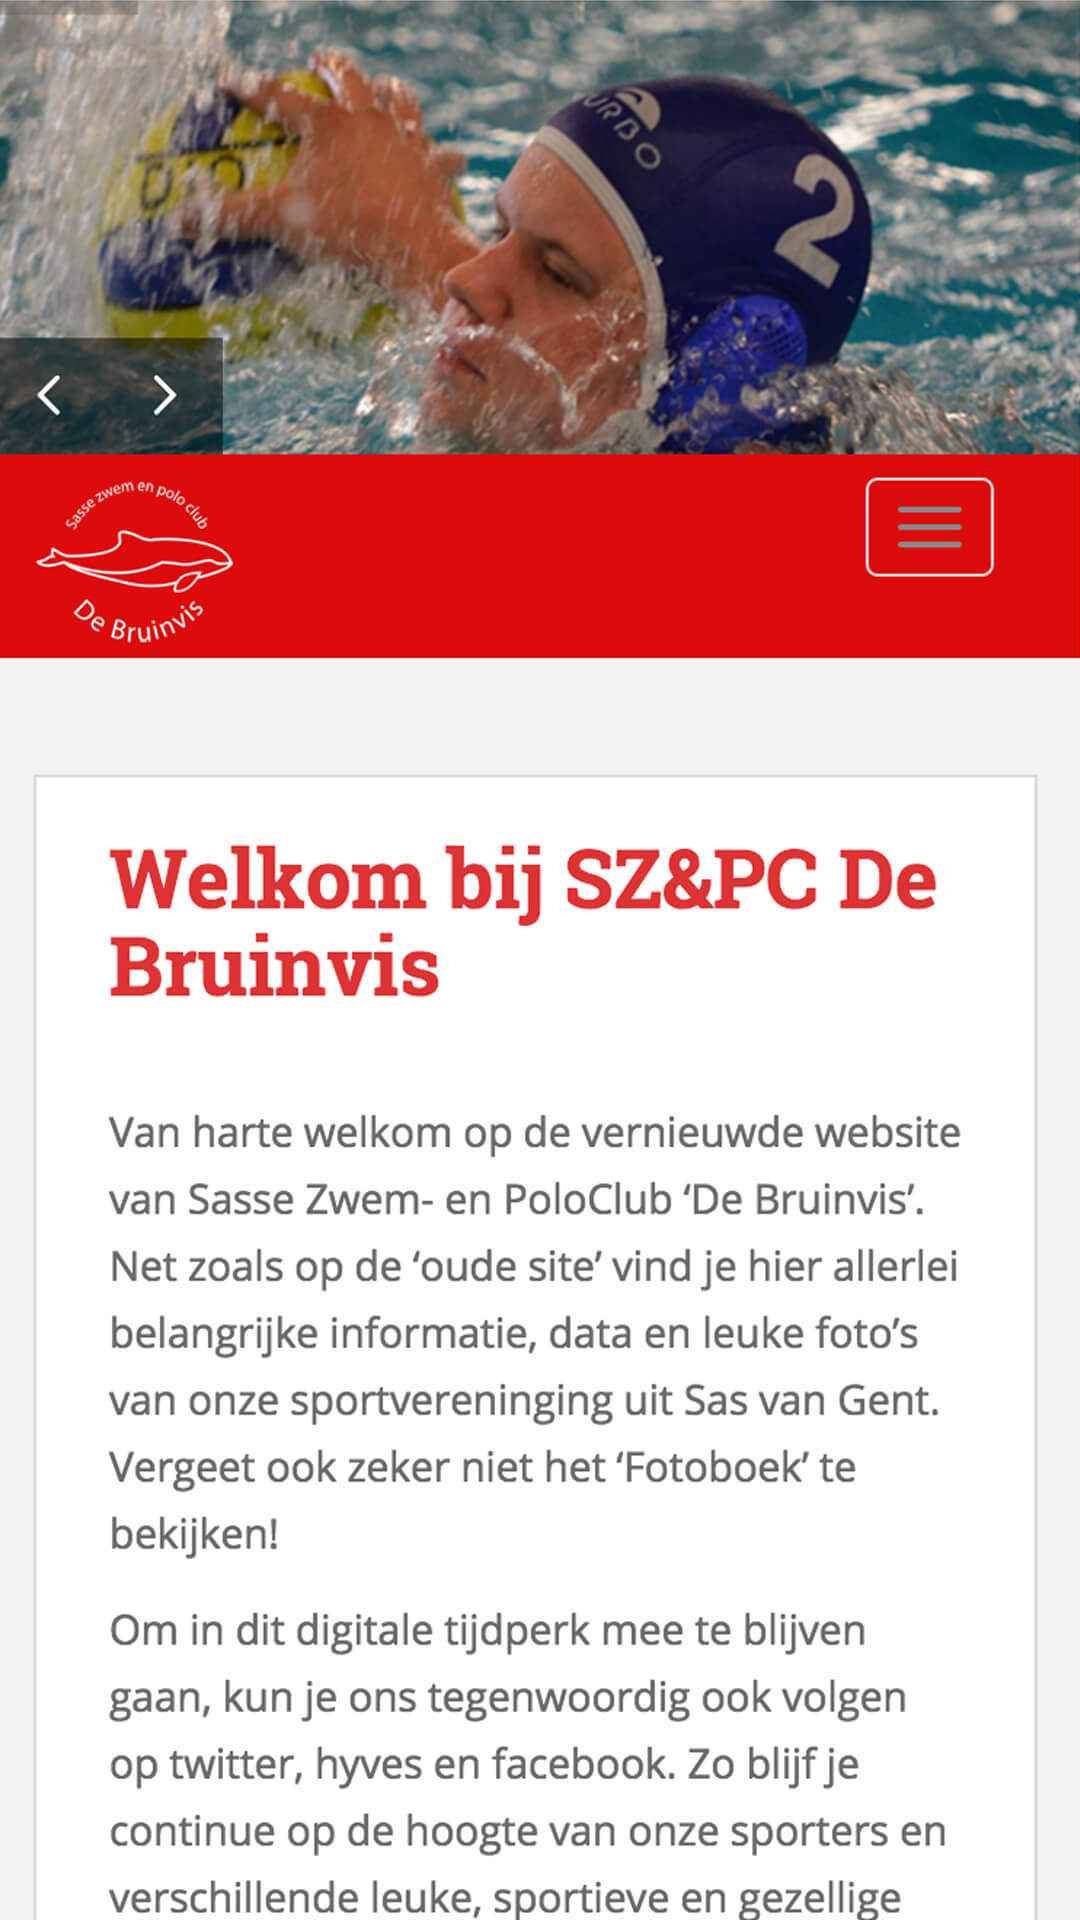 debruinvis.nl mobile preview